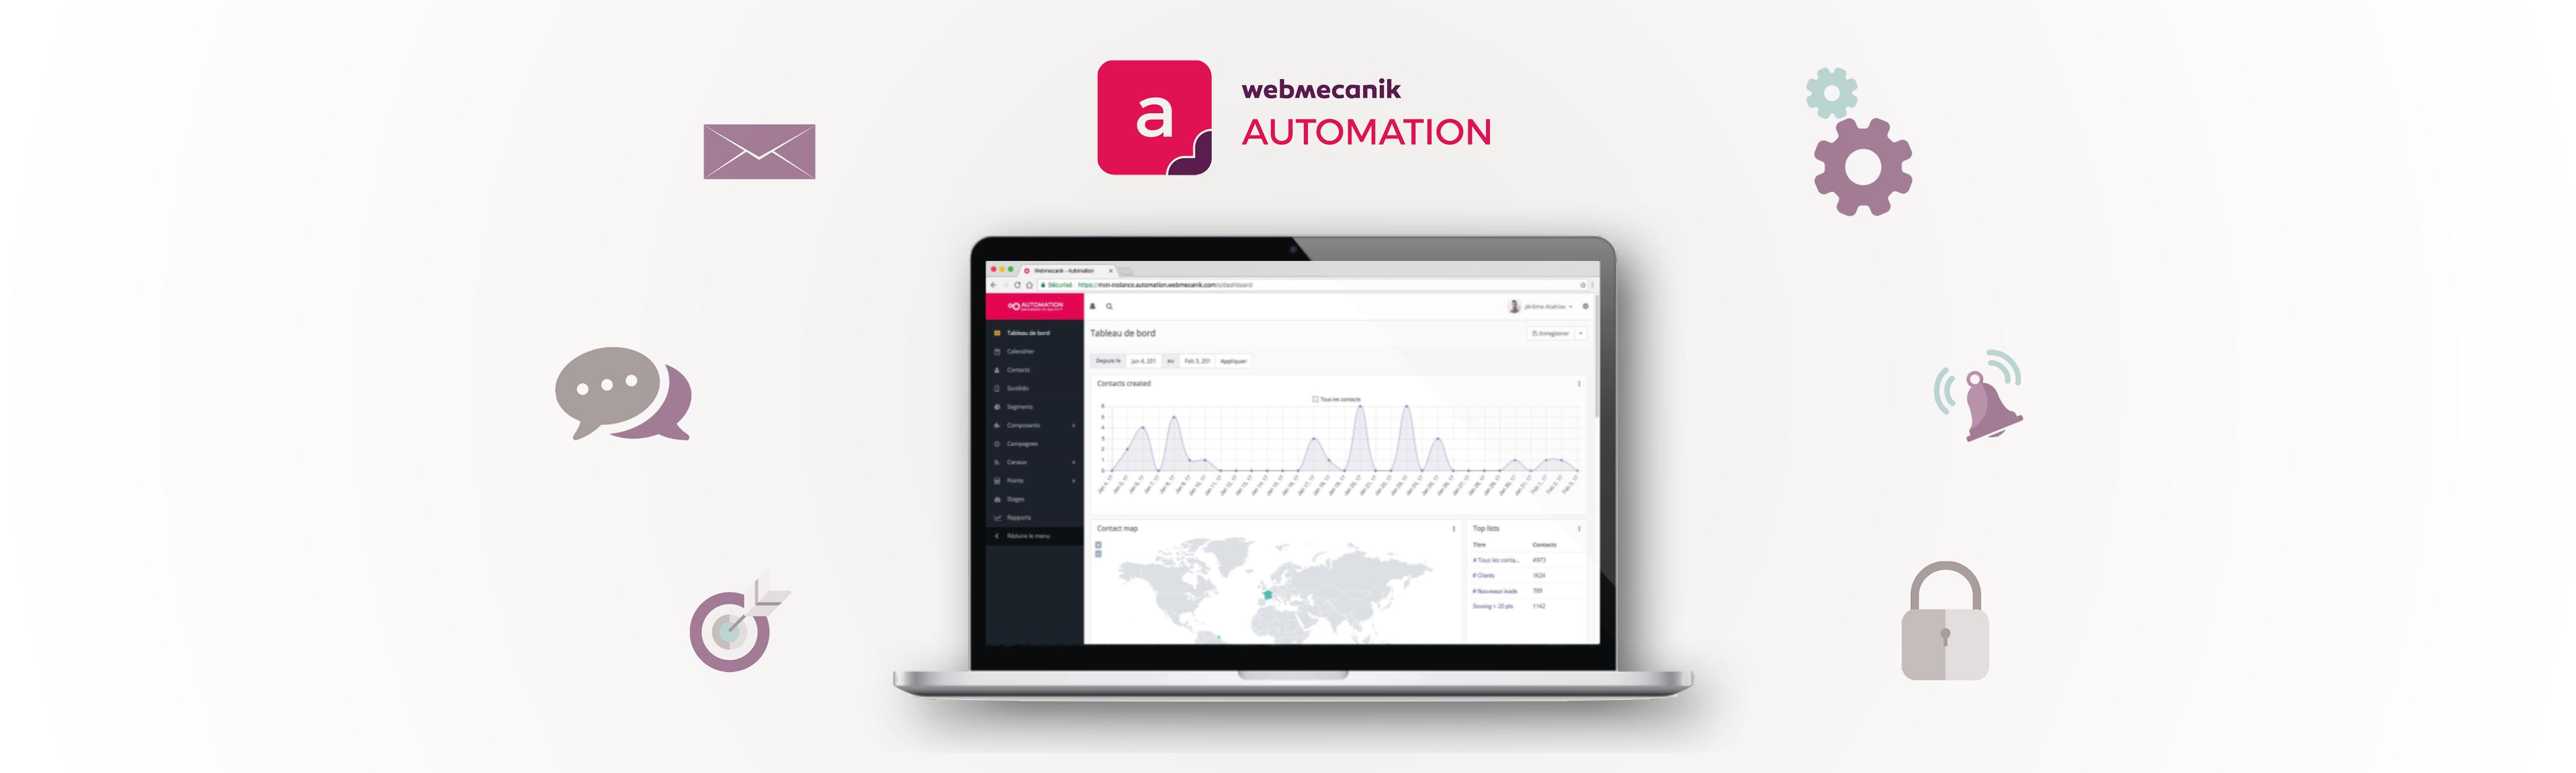 Avaliação Webmecanik: Software de automação de marketing Open Source - appvizer